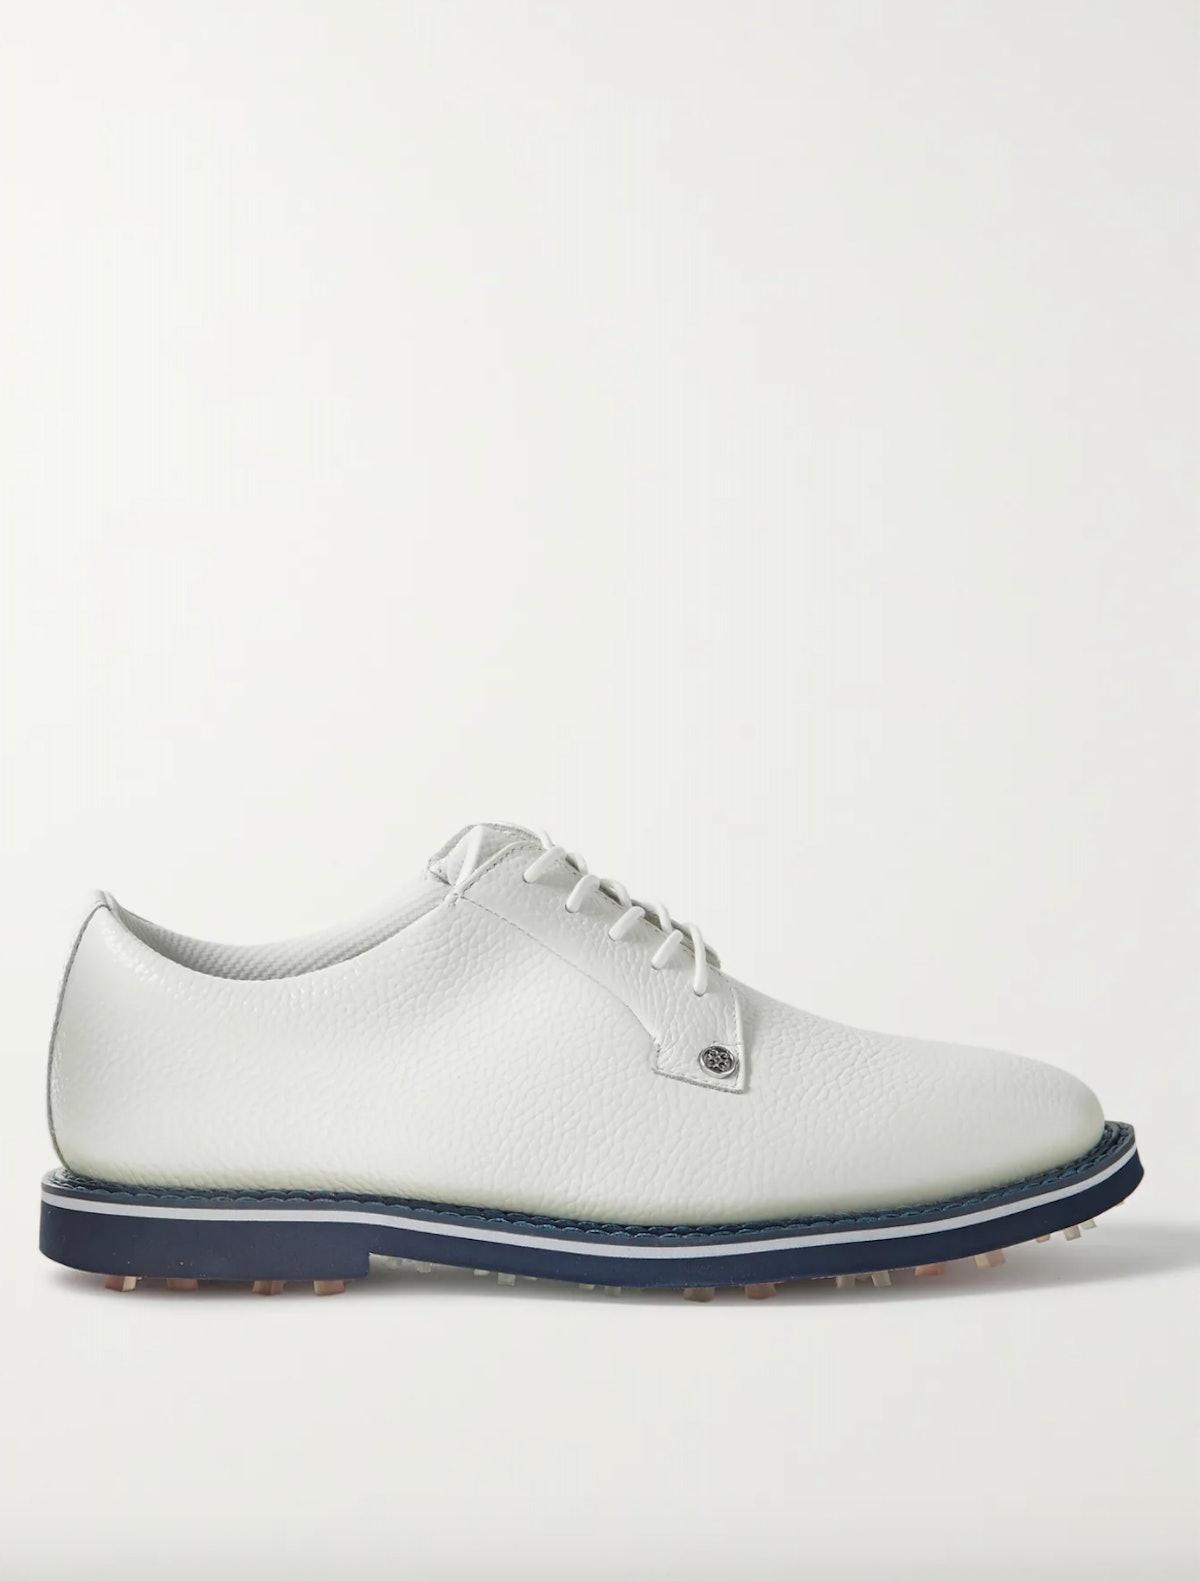 Gallivanter Pebble-Grain Leather Golf Shoes